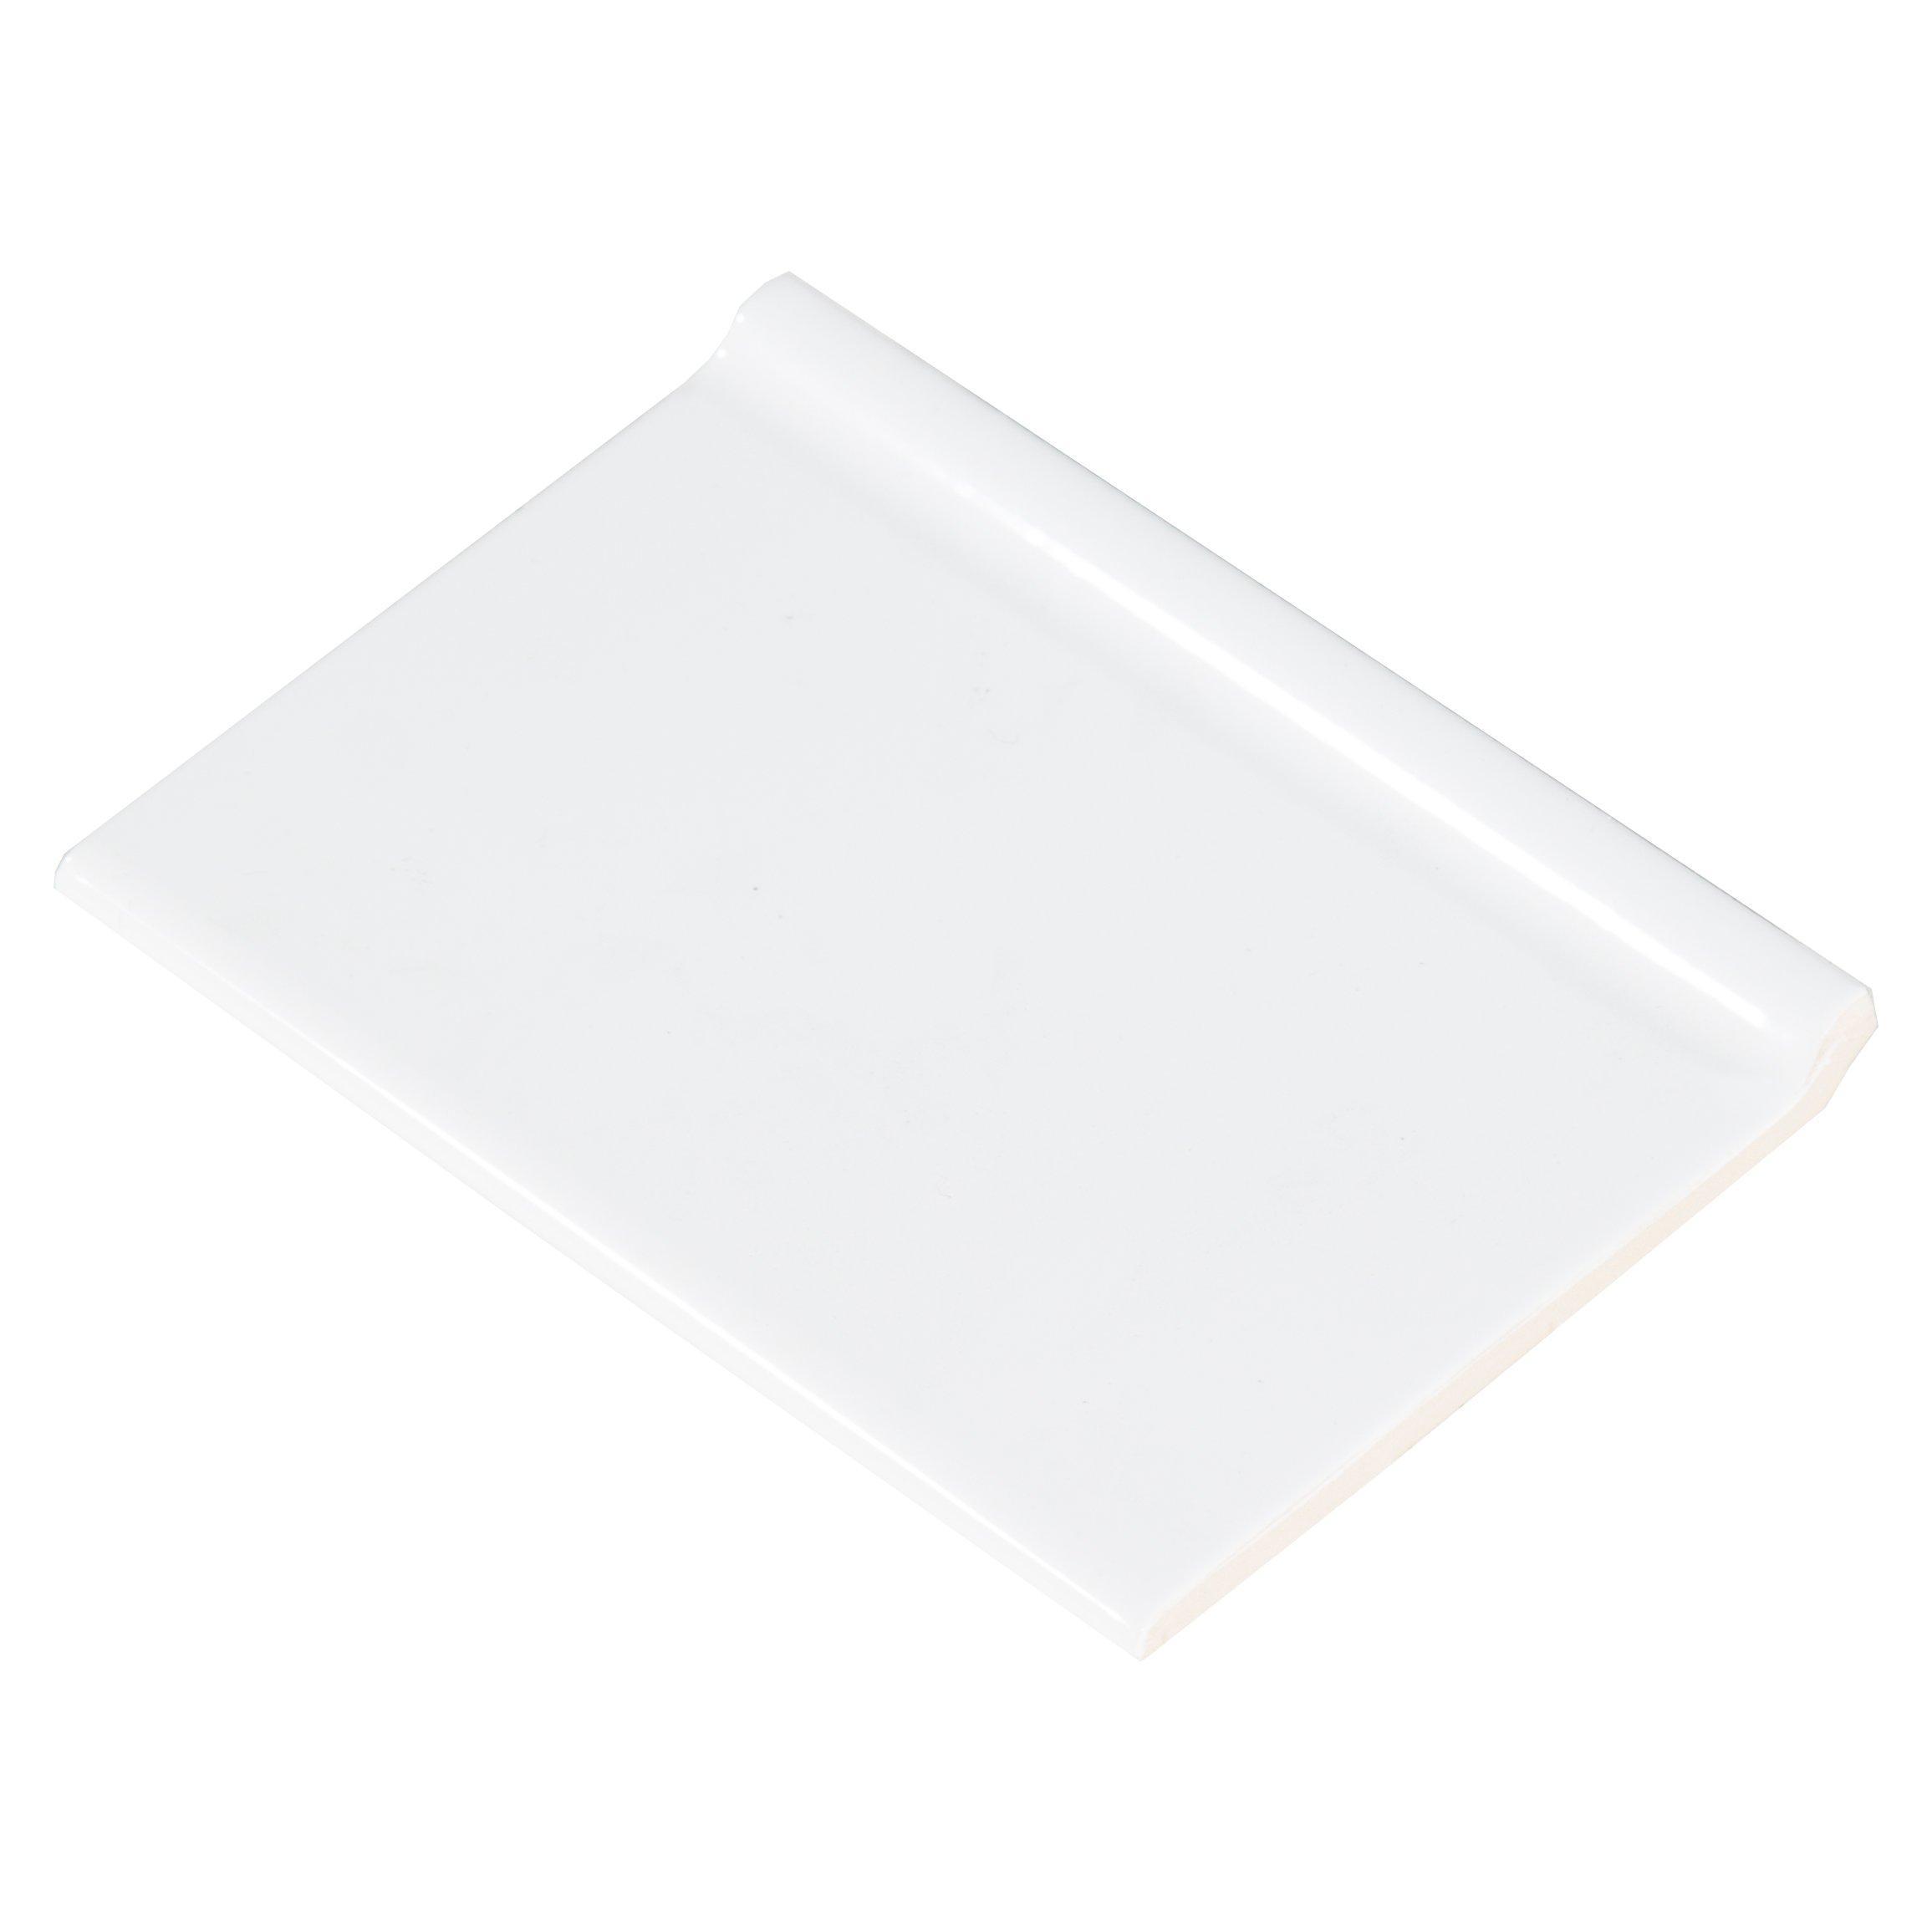 bright white ice ceramic bullnose 2 x